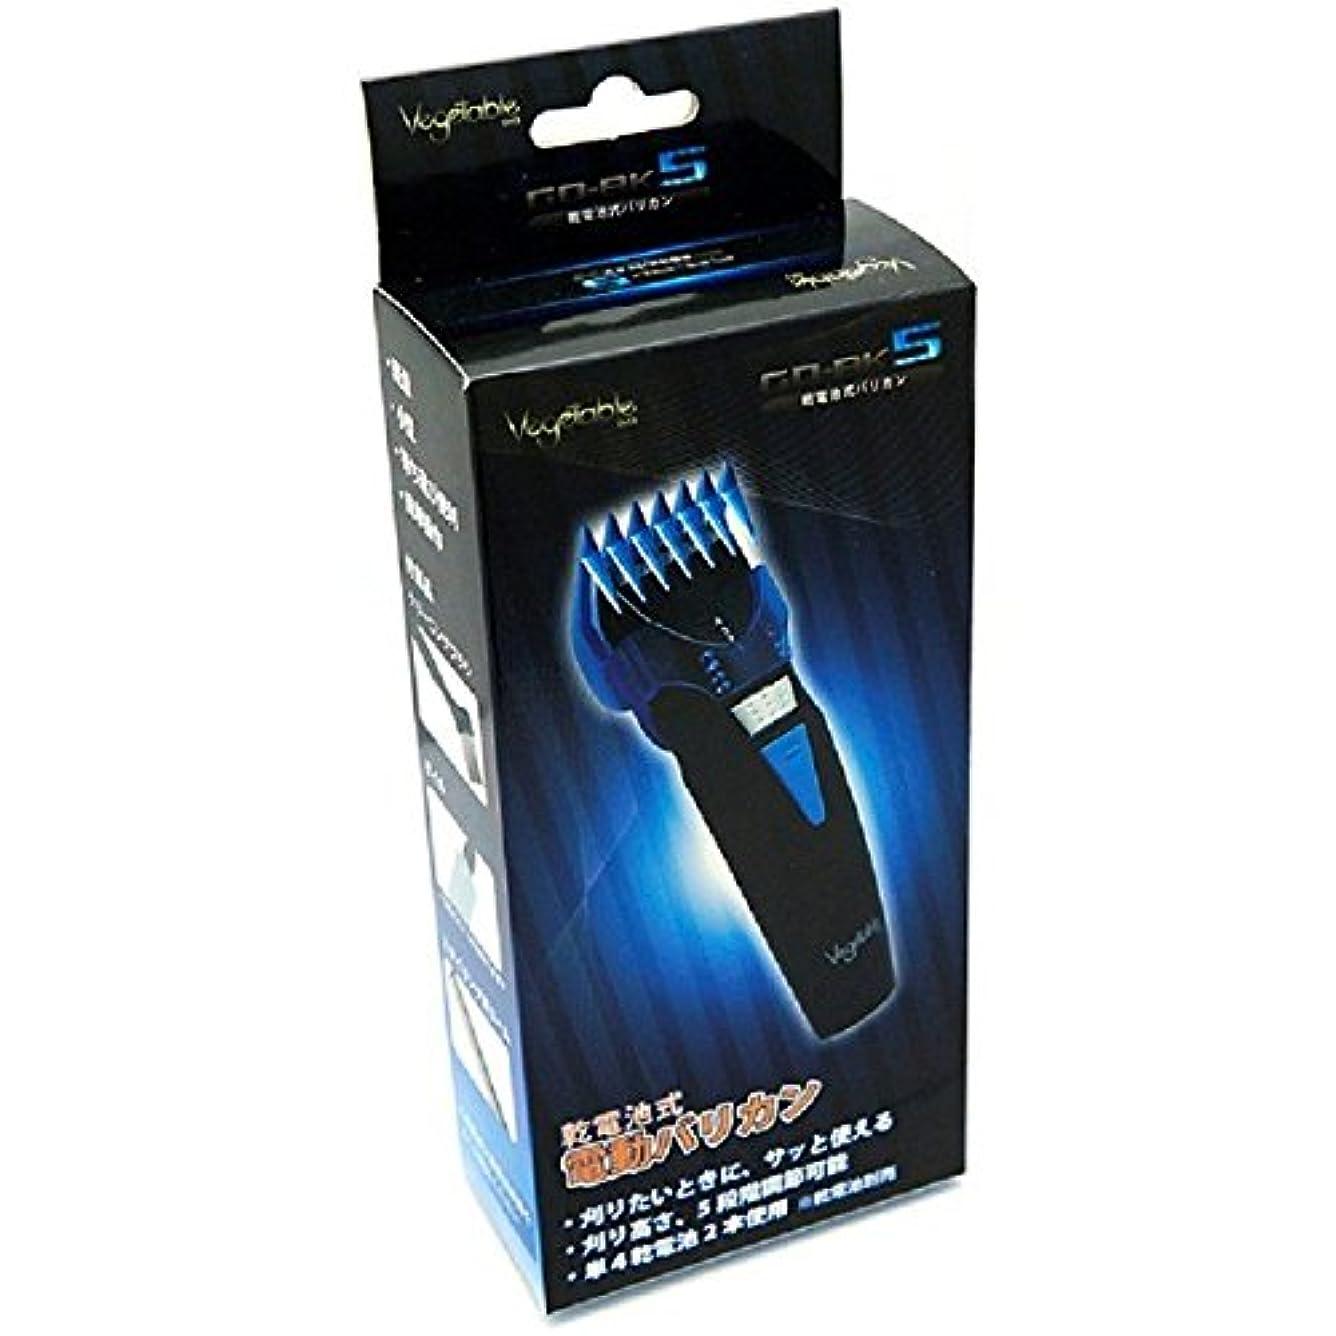 馬鹿モノグラフ誰もVegetable (ベジタブル) 電動バリカン GD-BK5 乾電池式 5段階調節可能 家庭用 散髪